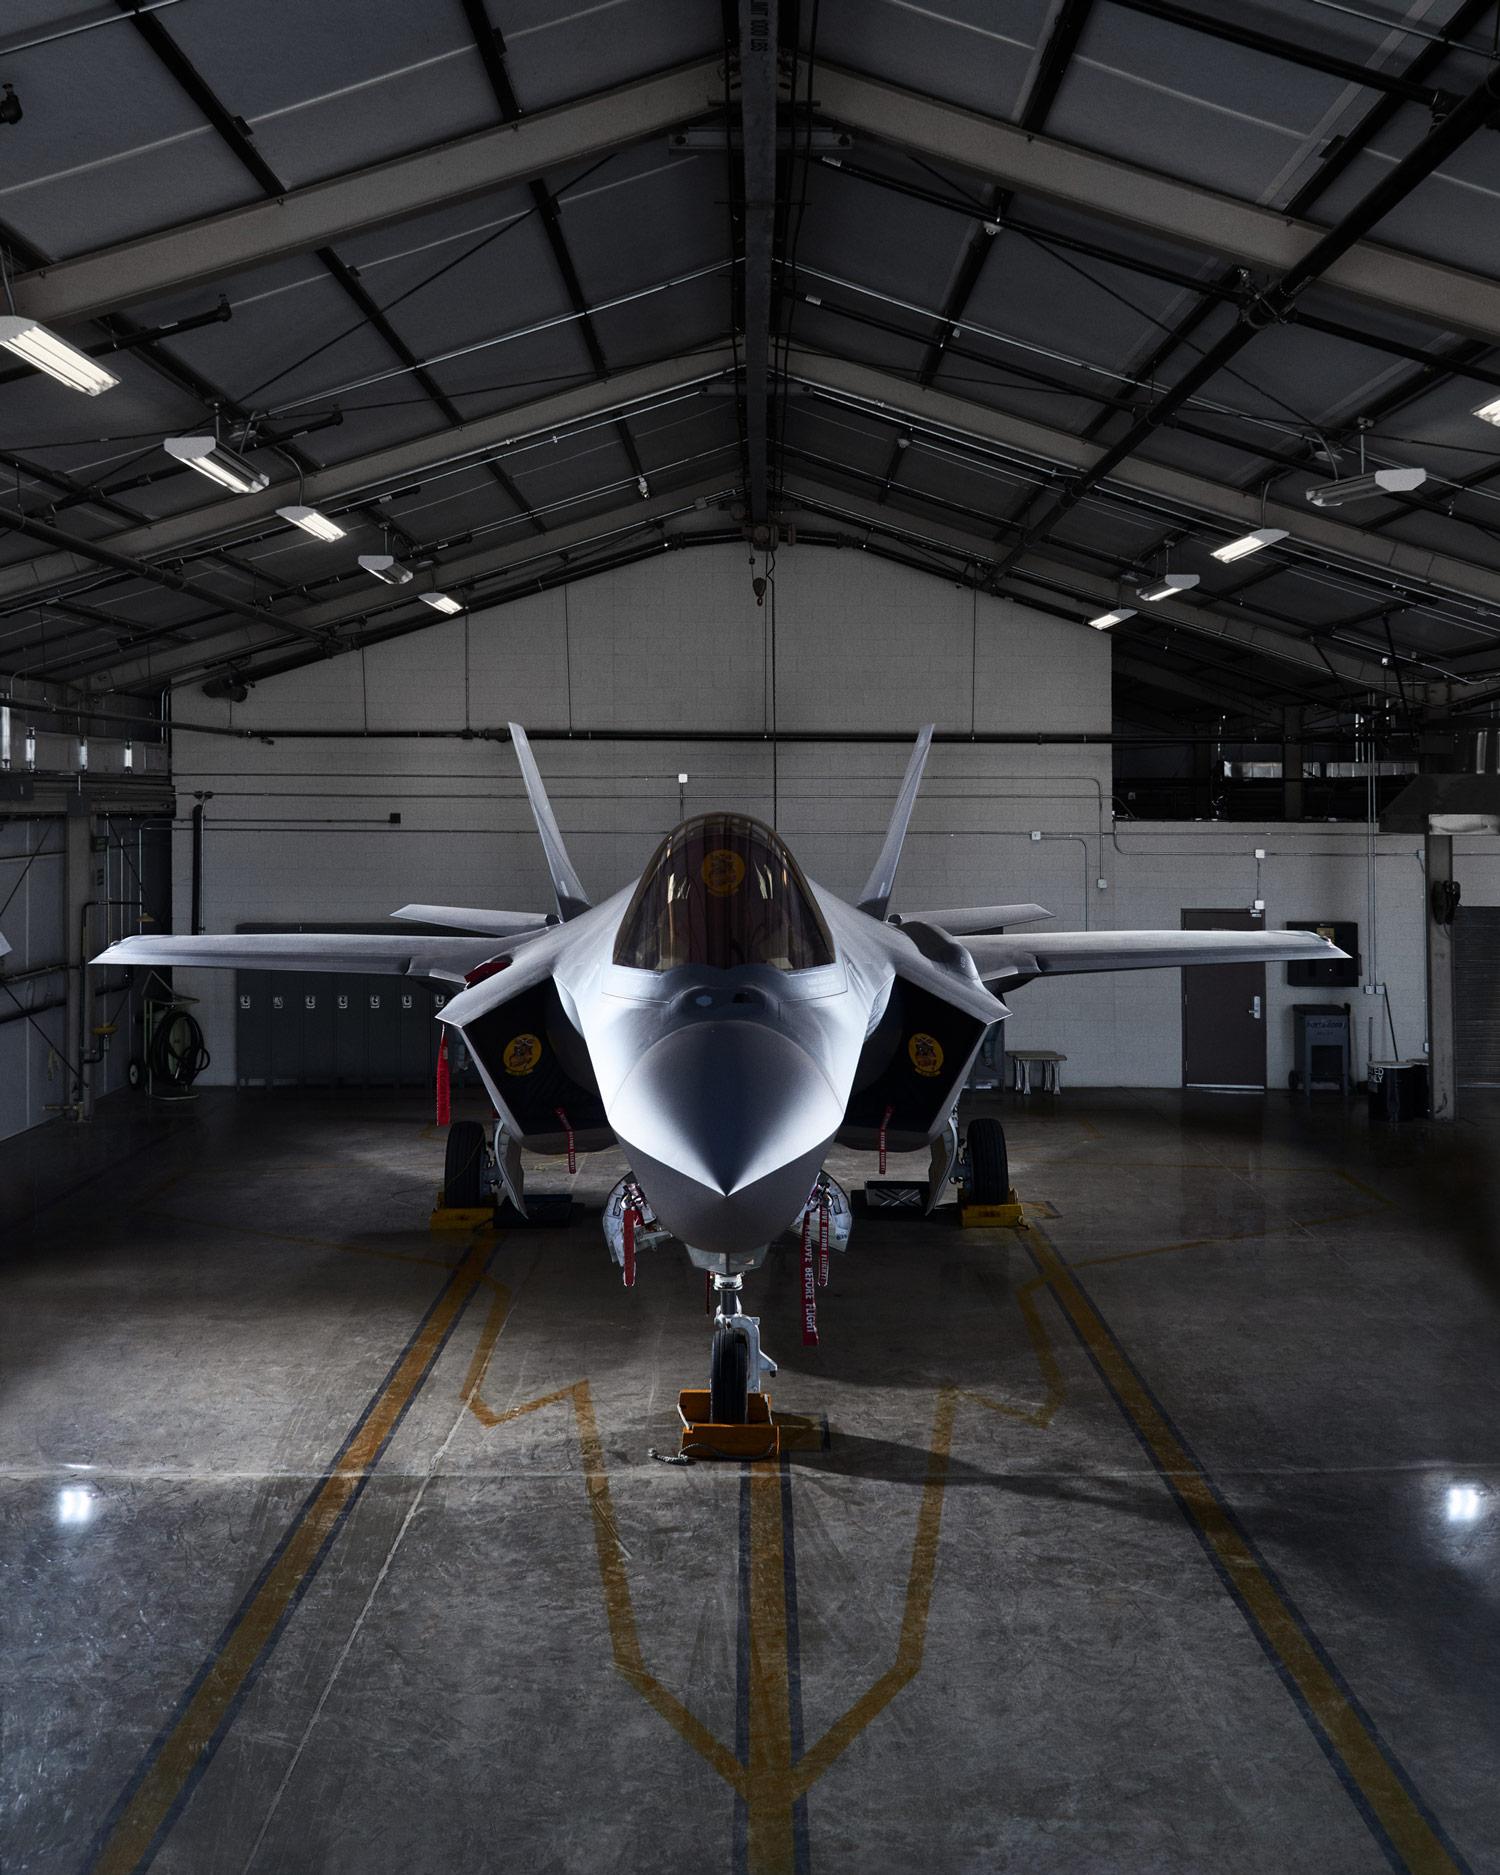 F-35, Luke Air Force Base, Arizona, 2015